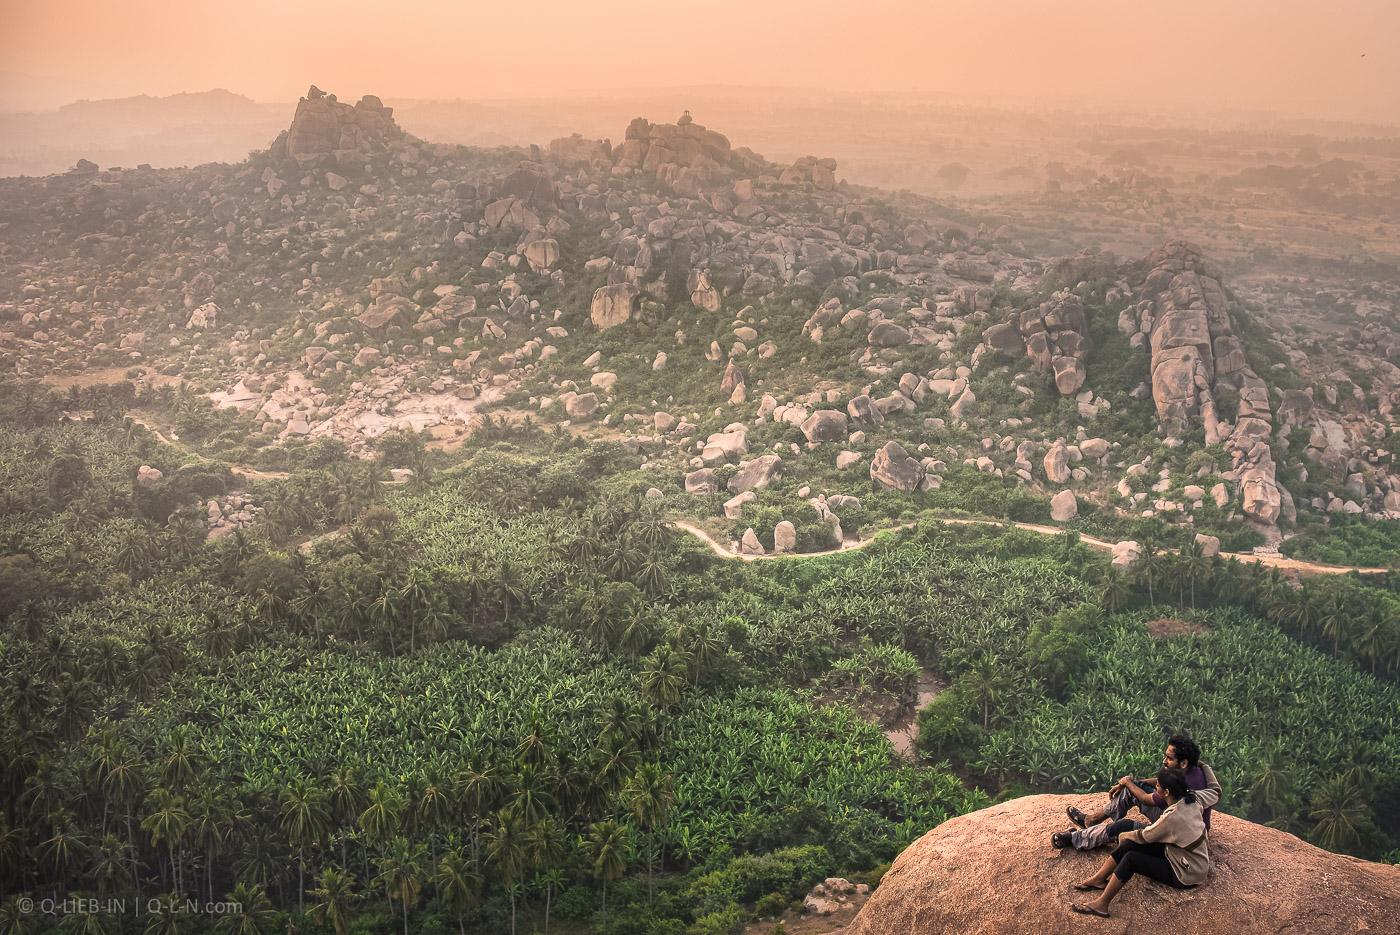 1. Инопланетные пейзажи индийской деревни Хампи очень напоминают окрестности турецкого села Алтынкая. Снято на Nikon D750 + Nikon28-300mmf/3.5-5.6G ED VR AF-S.